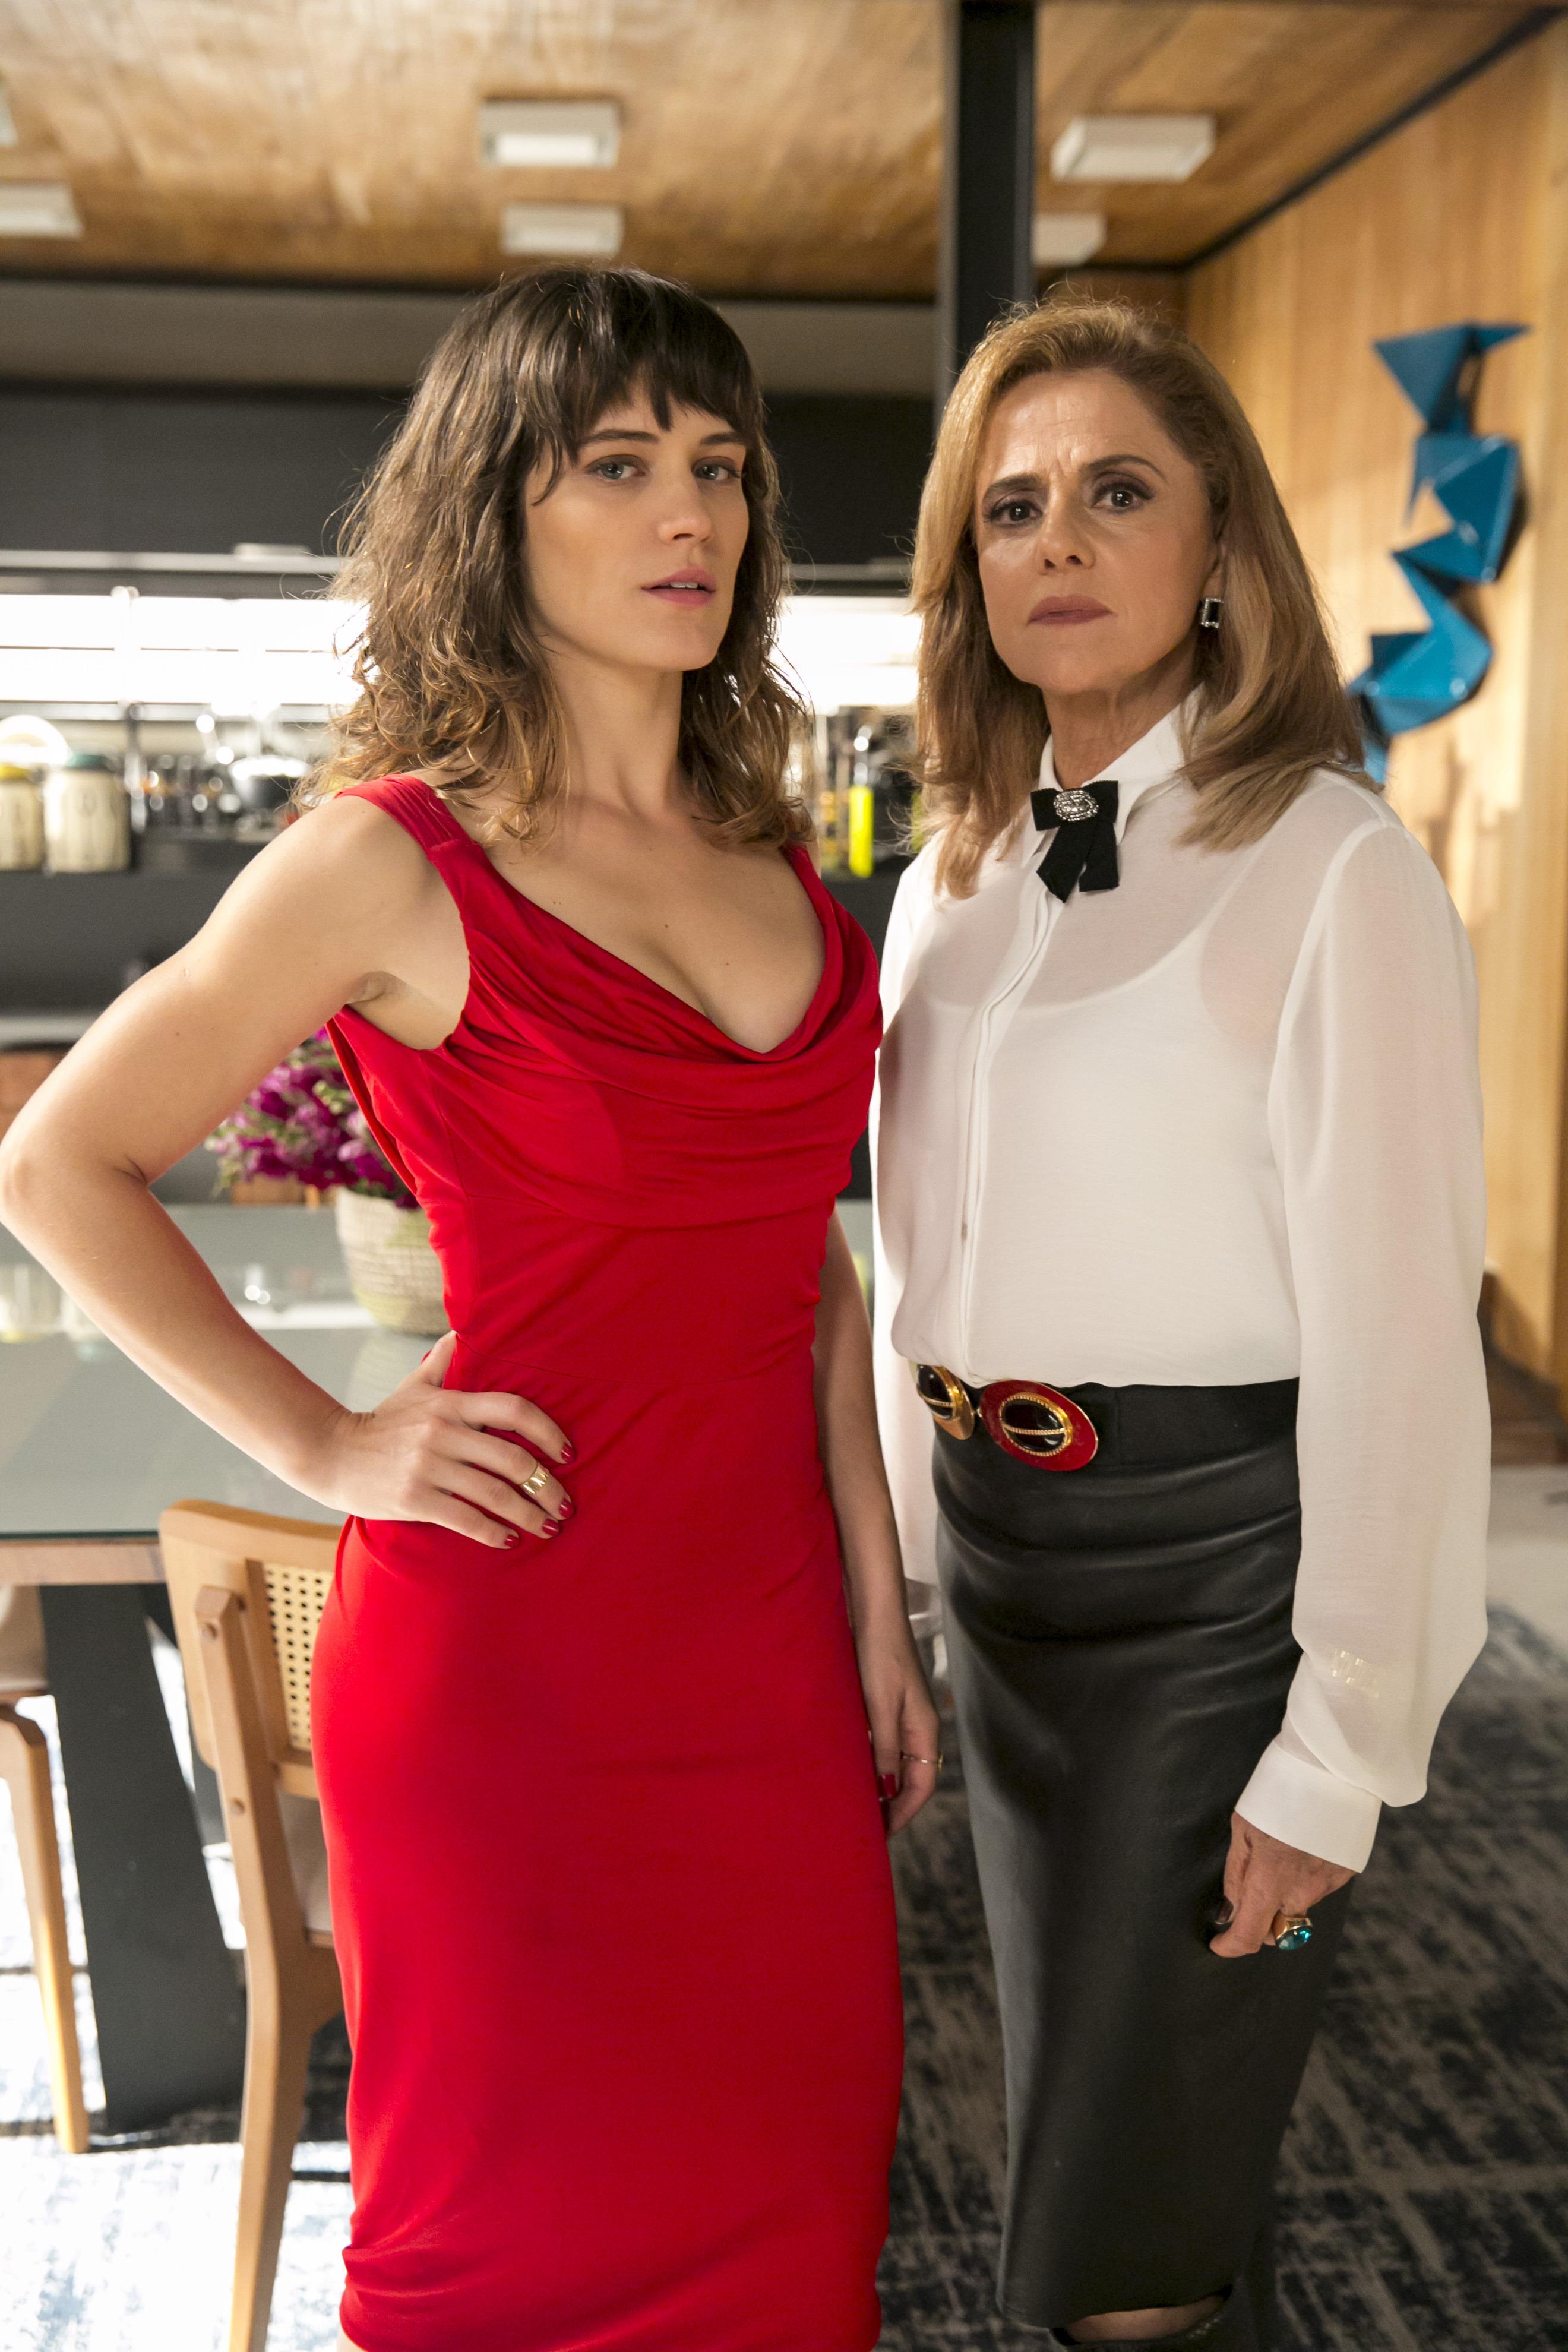 O Outro Lado do Paraíso - cap 47 - cena 24 - Sophia (Marieta Severo) diz a Clara (Bianca Bin) que nunca vai recuperar o filho e mostra o doc da interdição.